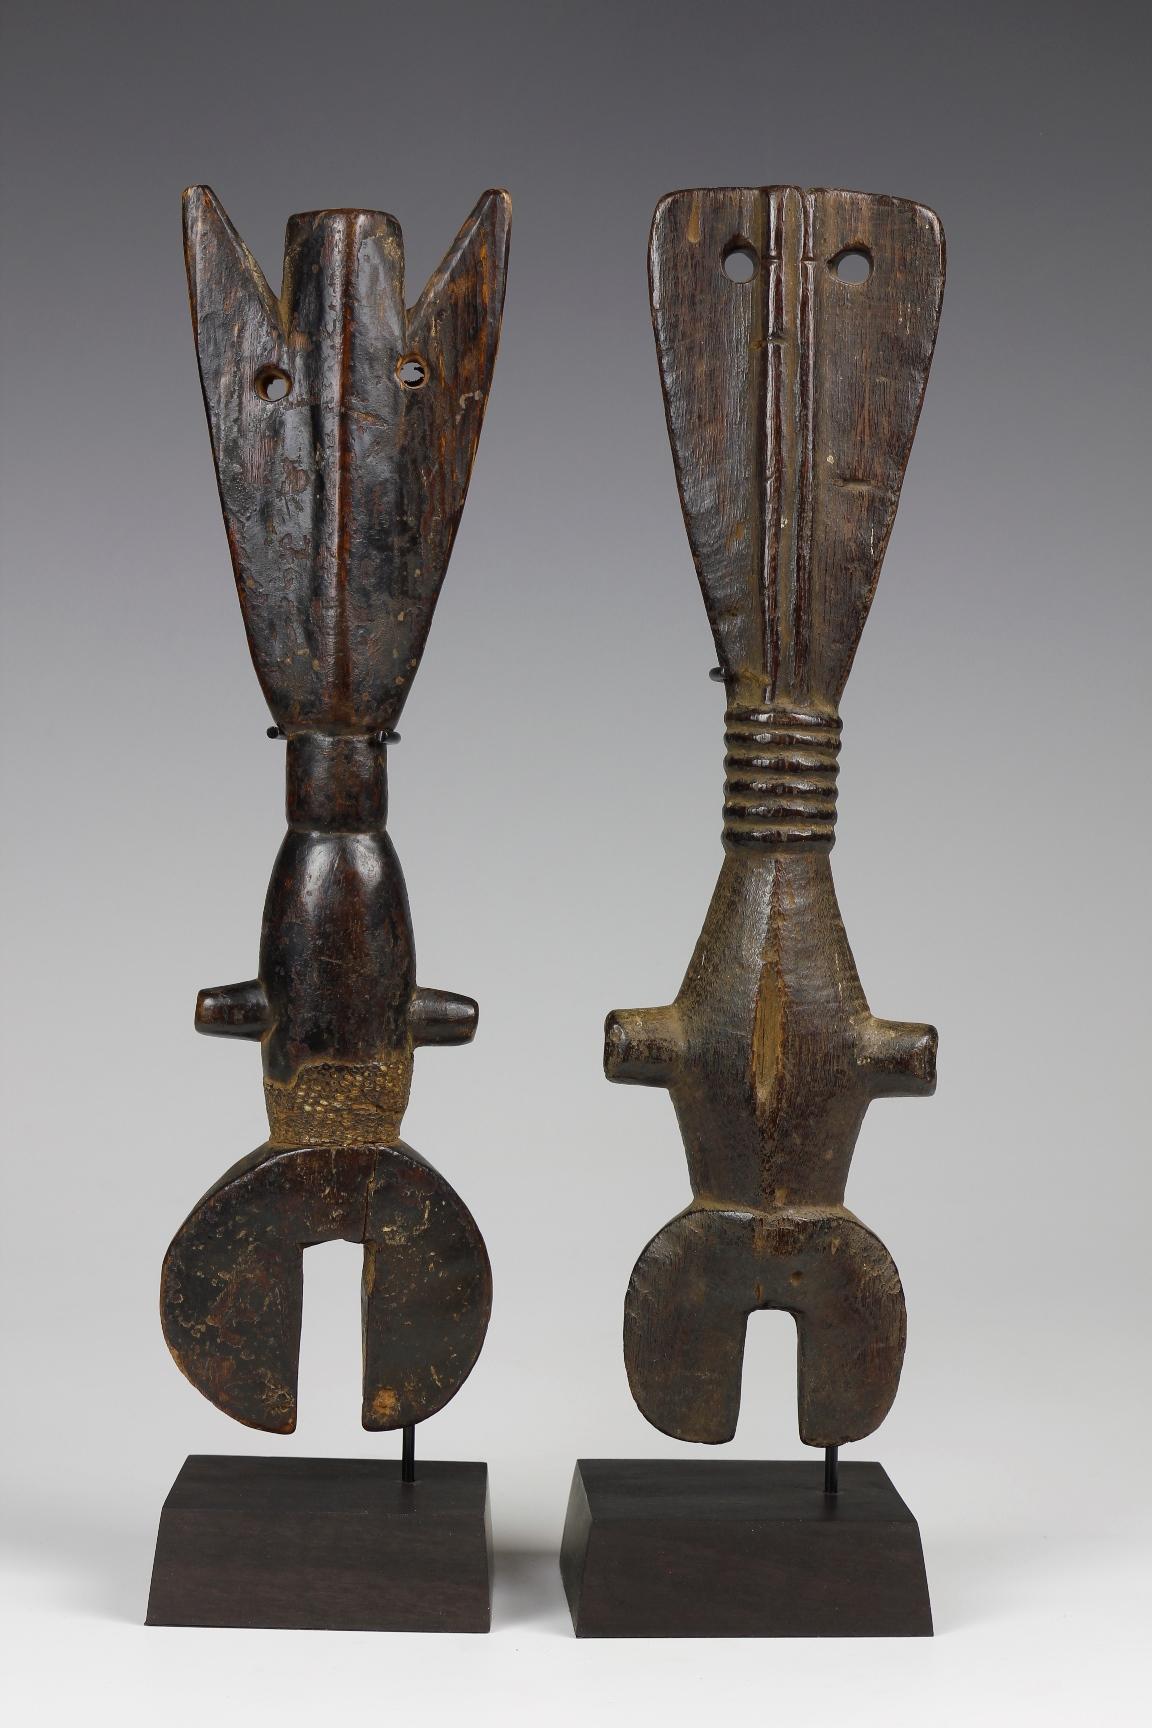 Bamileke Flutes